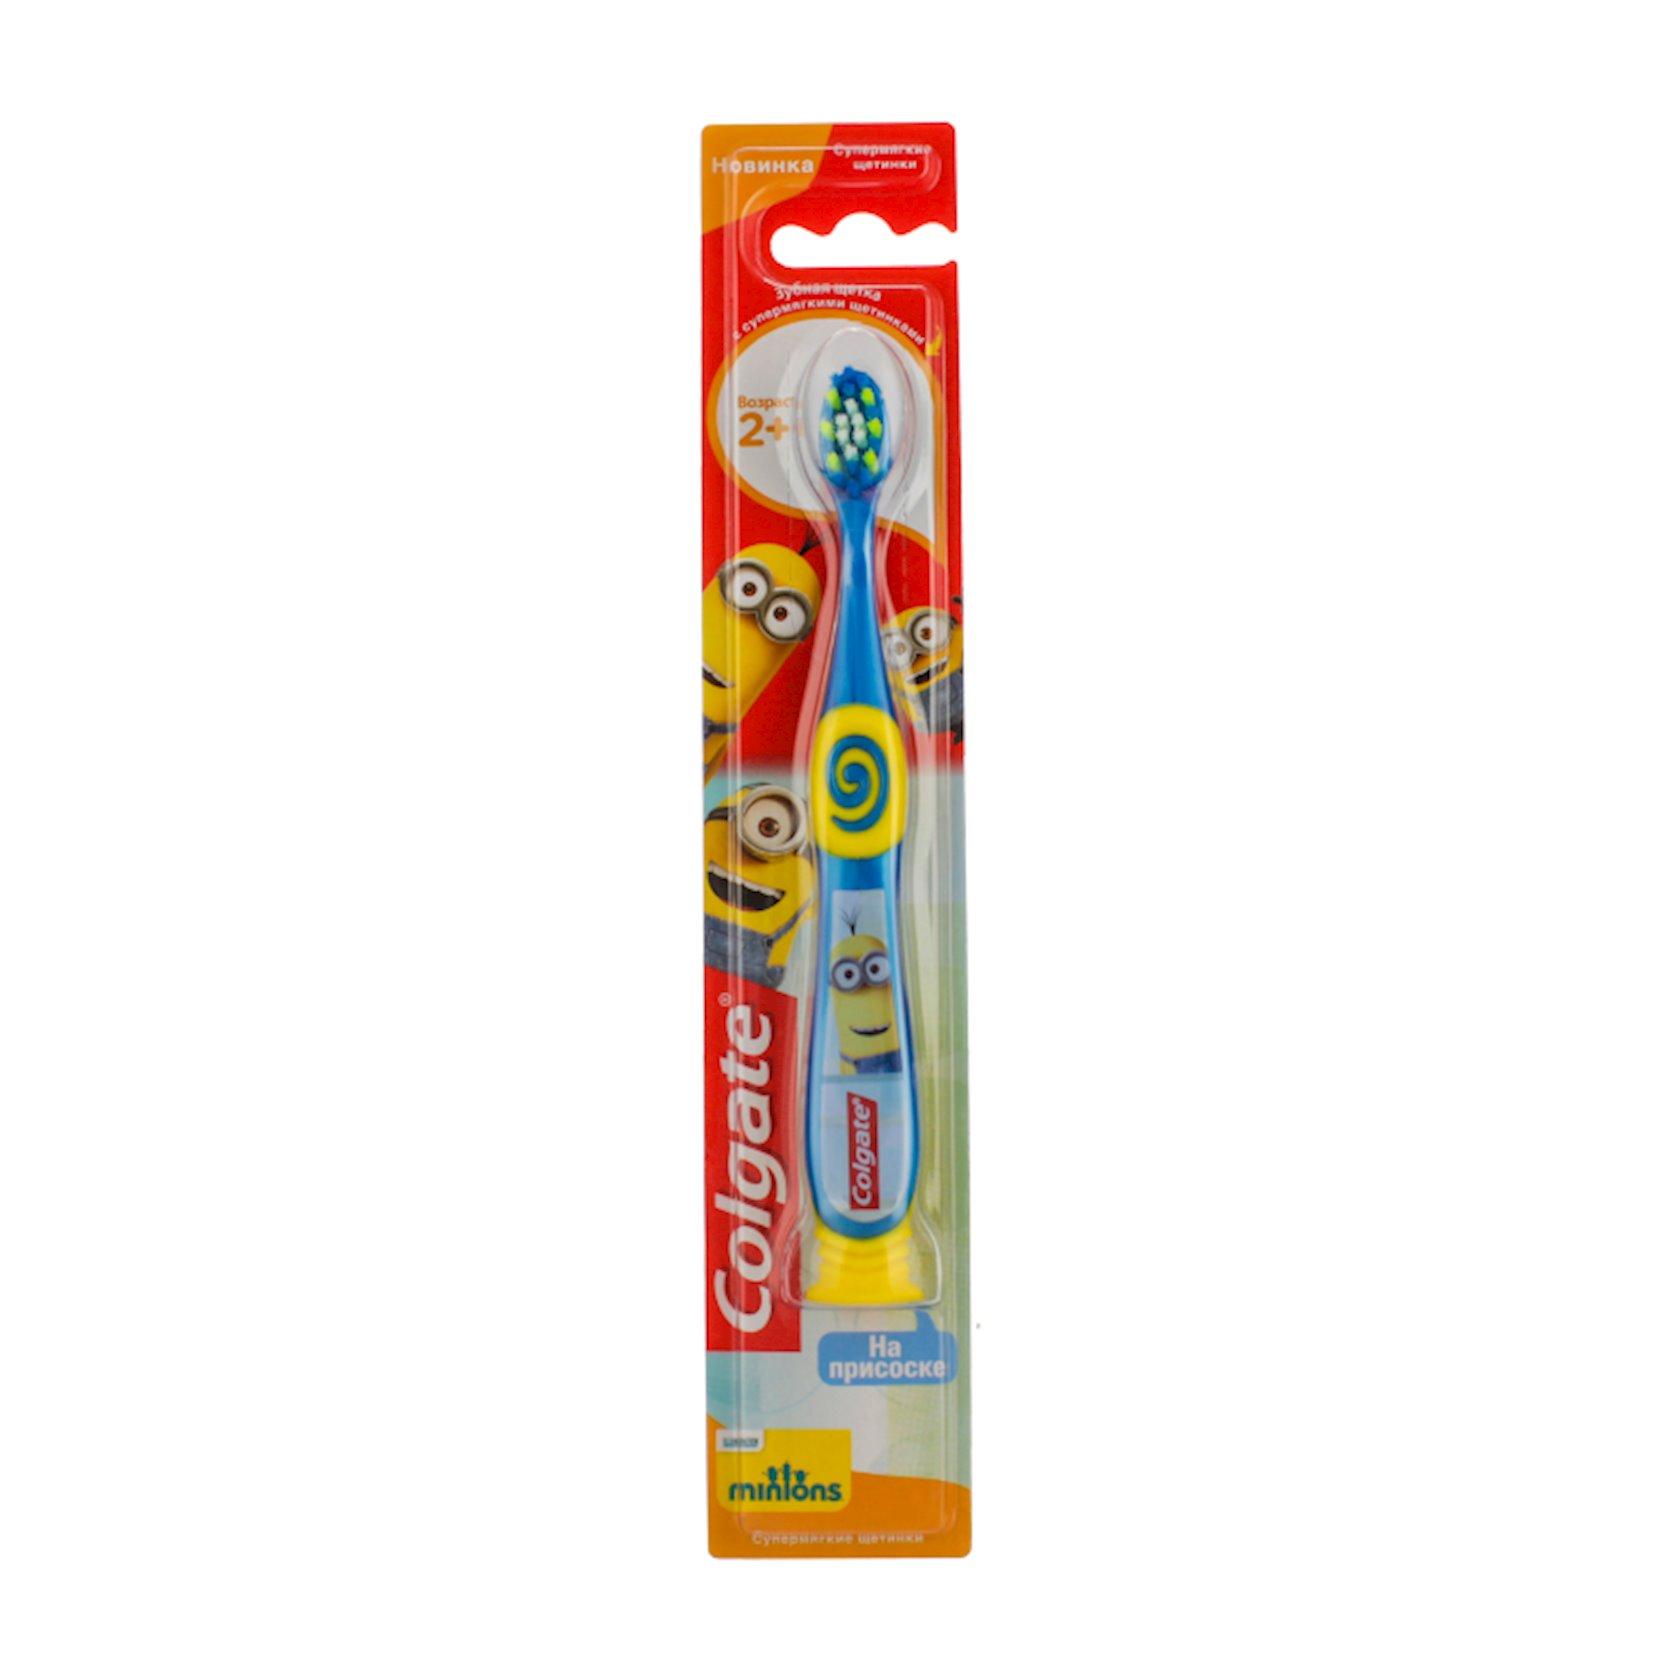 Diş fırçası Colgate Minyonlar 2 yaşdan uşaqlar üçün